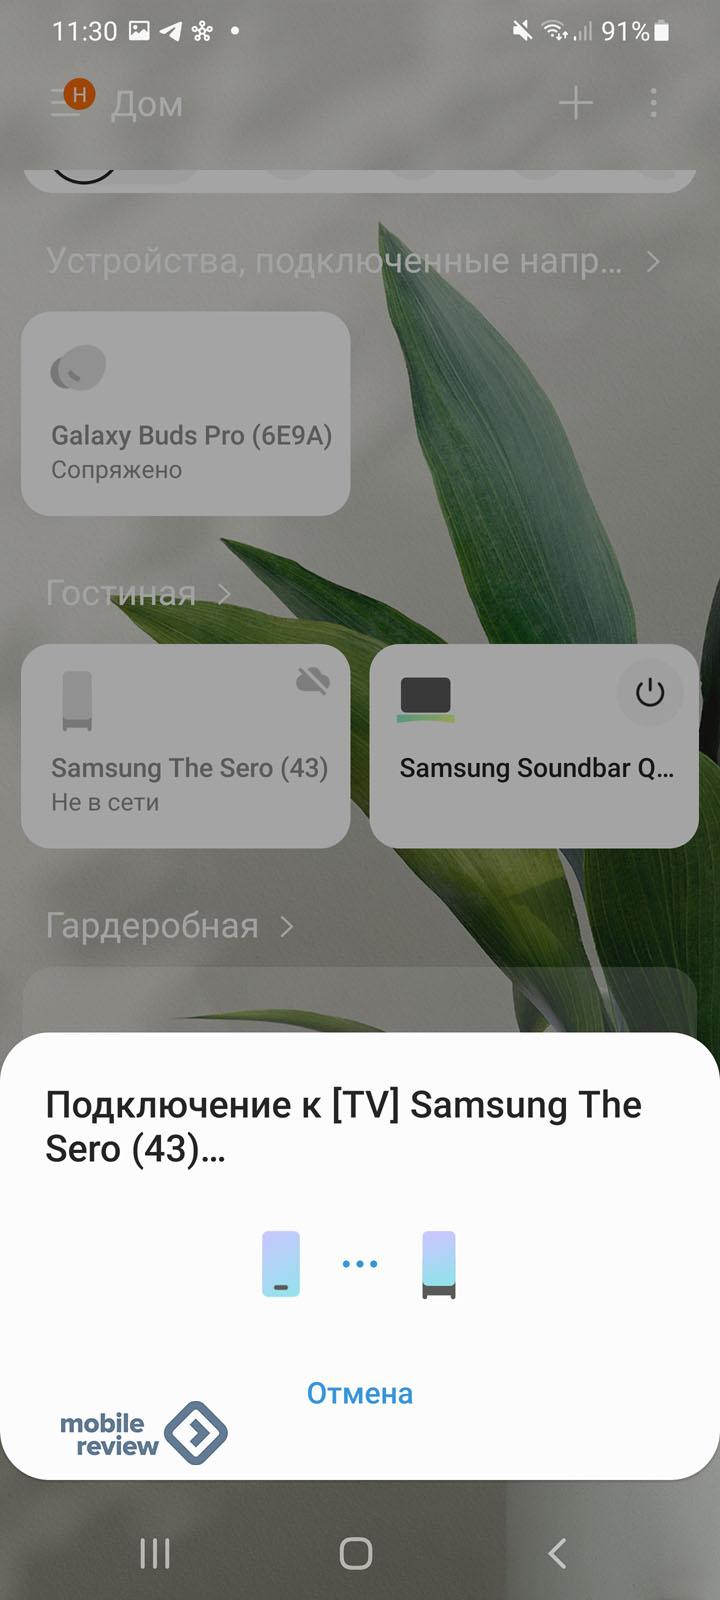 Телевизор и смартфон от Samsung, счастливая пара на все времена